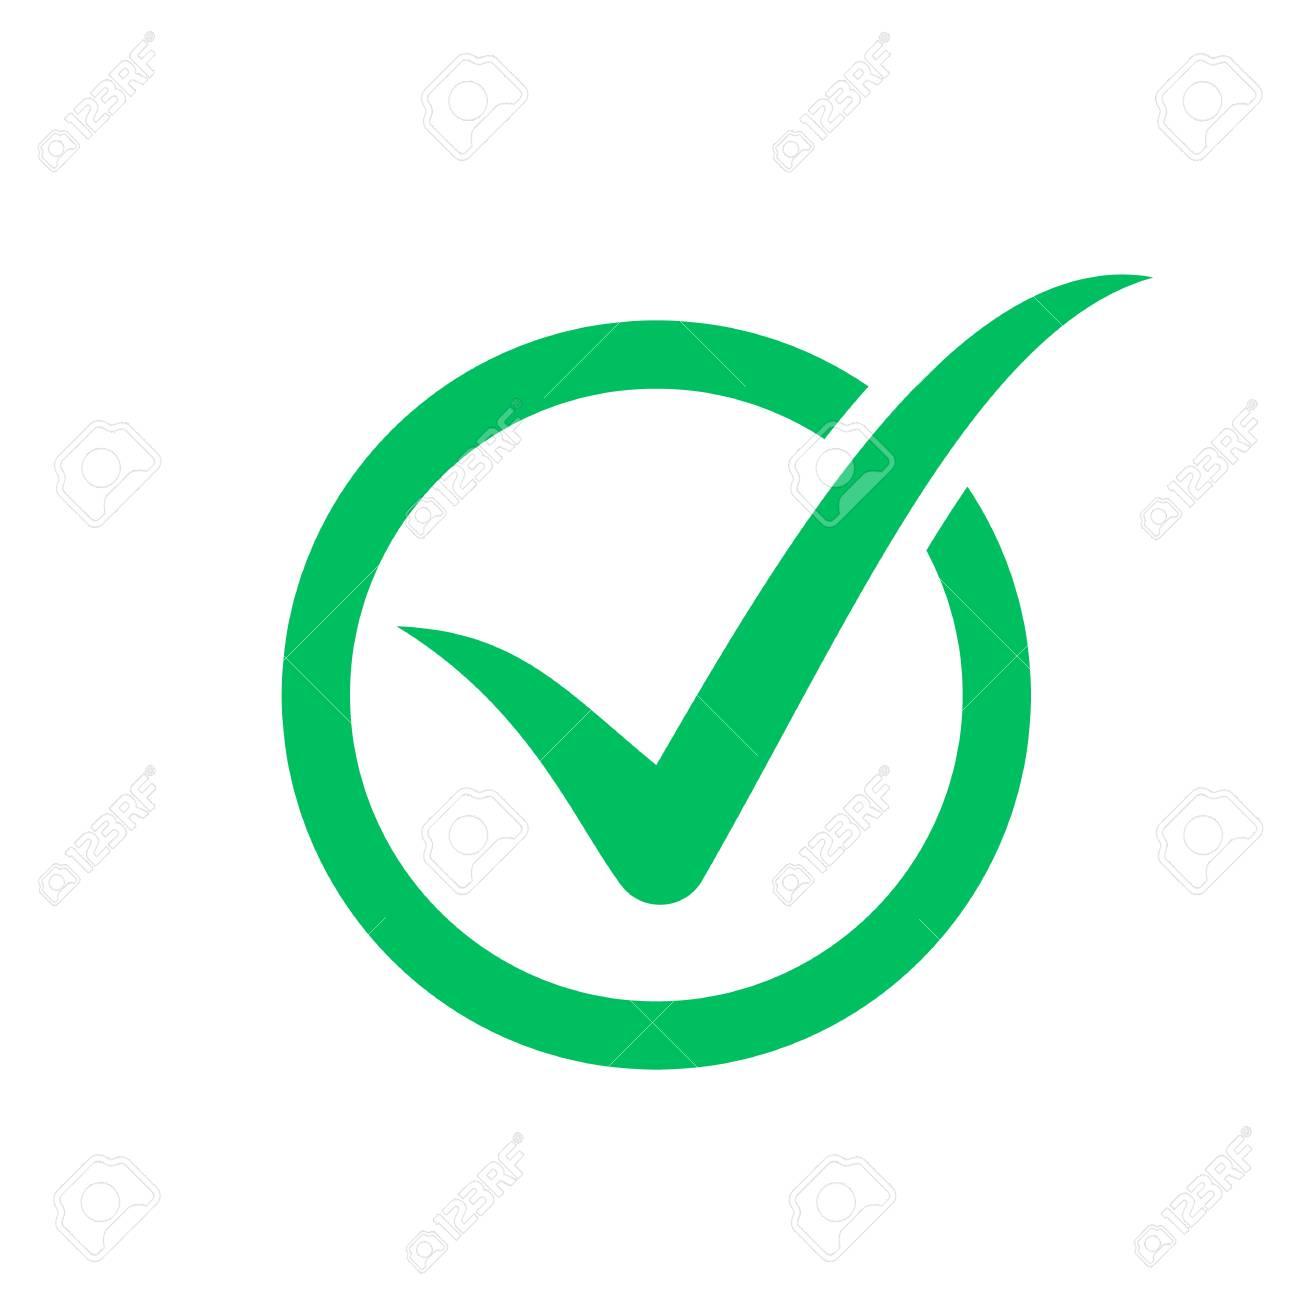 Check mark symbol, check box icon - 114283334